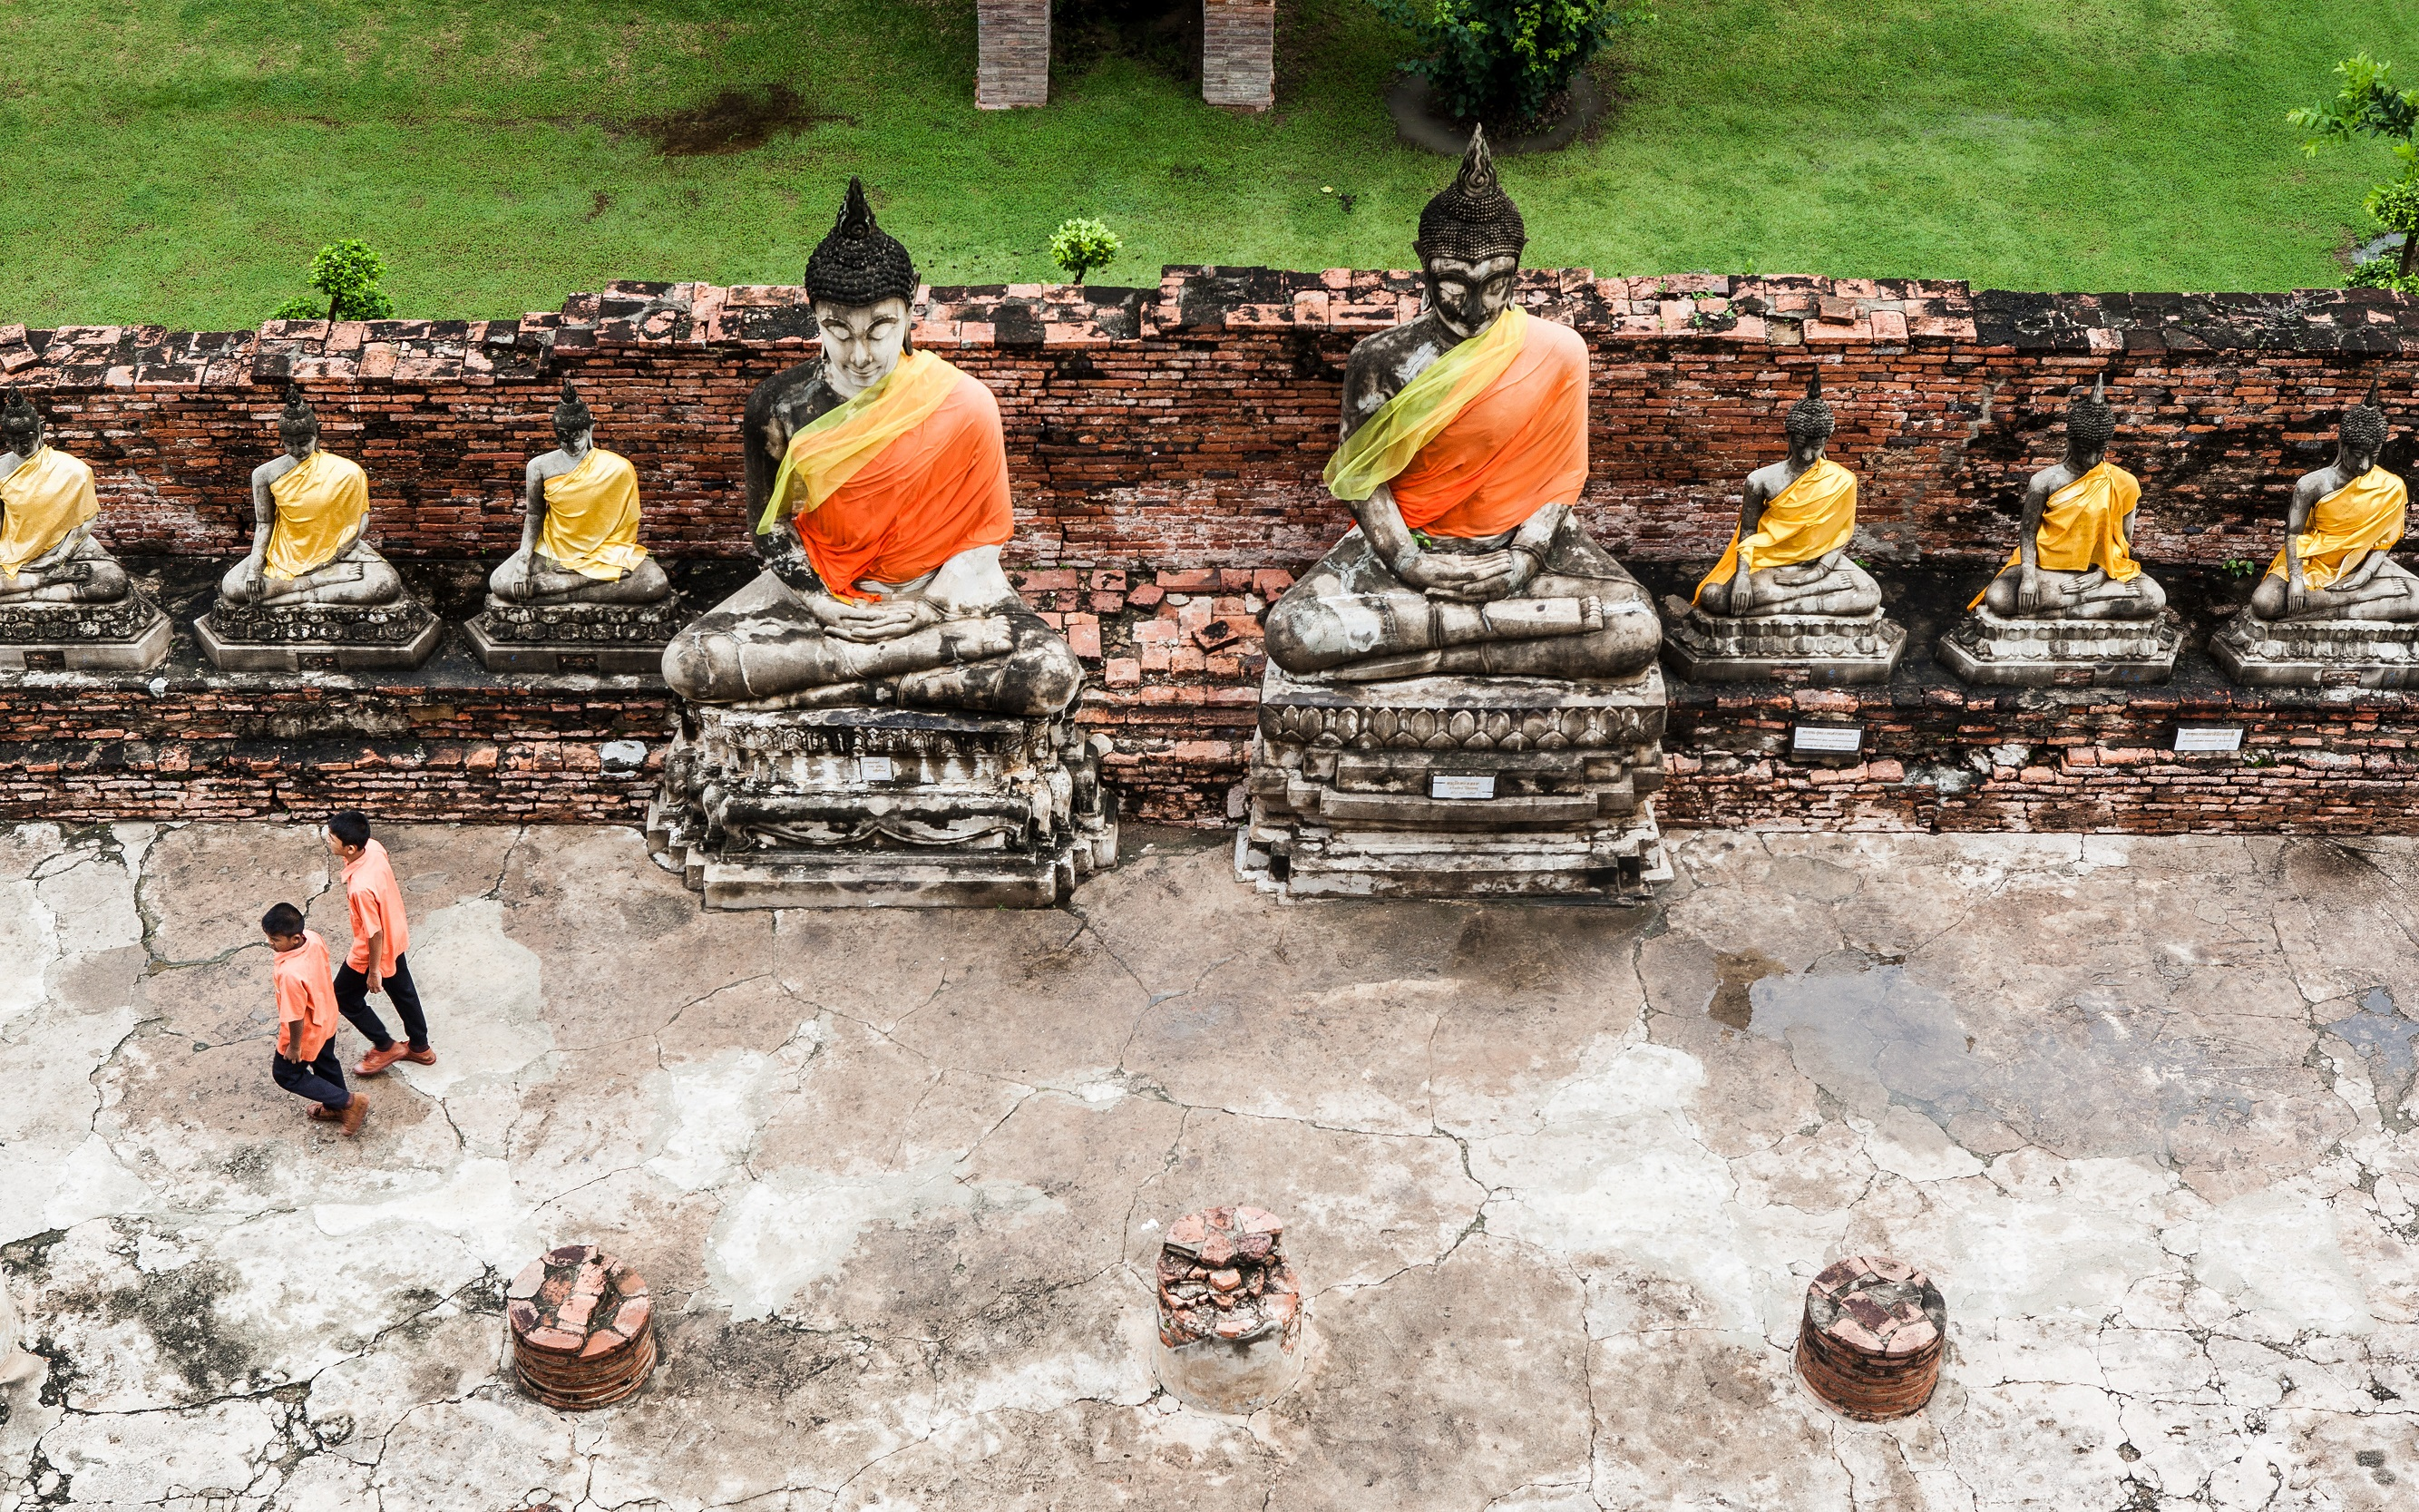 ゴシック様式の教会のような寺院「ワットニウェートタンマプラワット(Wat Niwet Thammaprawat)」